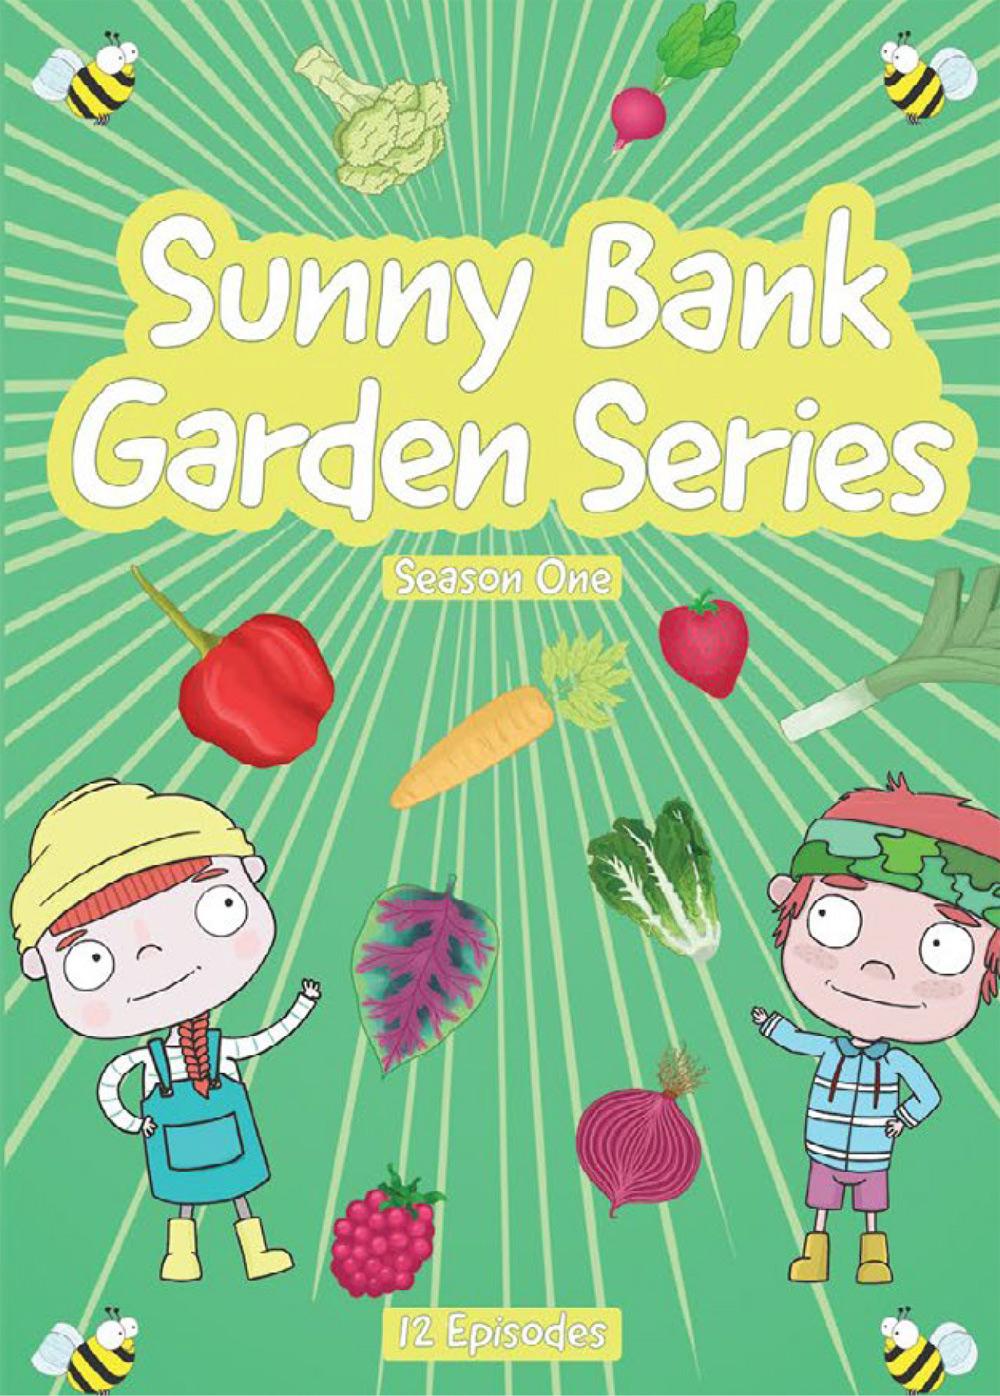 Sunny Bank Garden Series